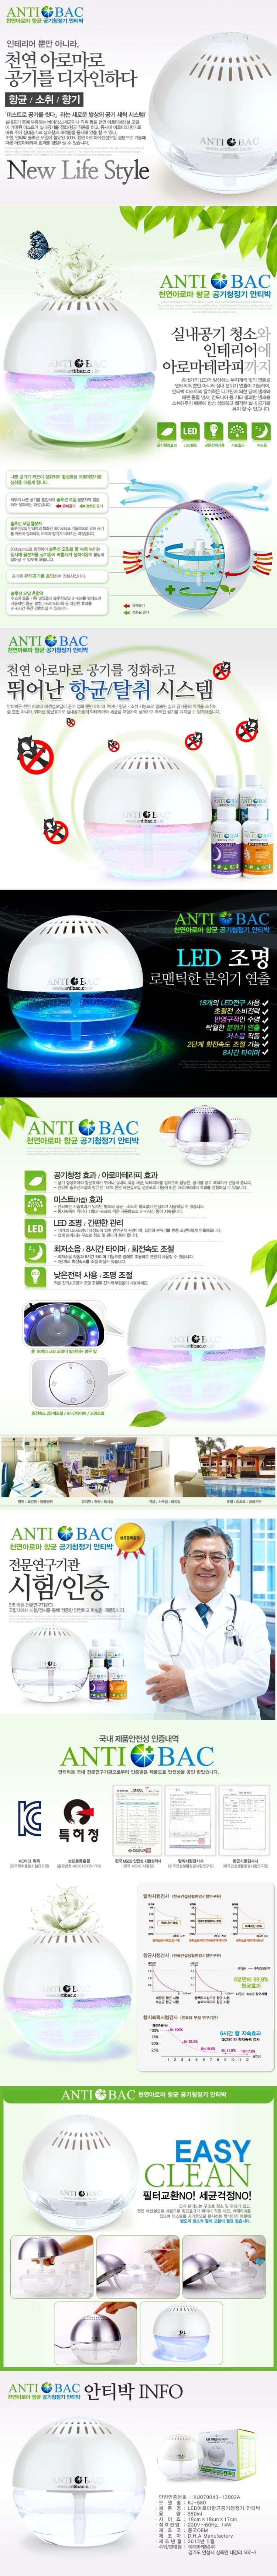 [ERE안티박]LED 아로마 향균가습 공기청정기 850ml kj880/솔루션오일뵀/011000 상세사진